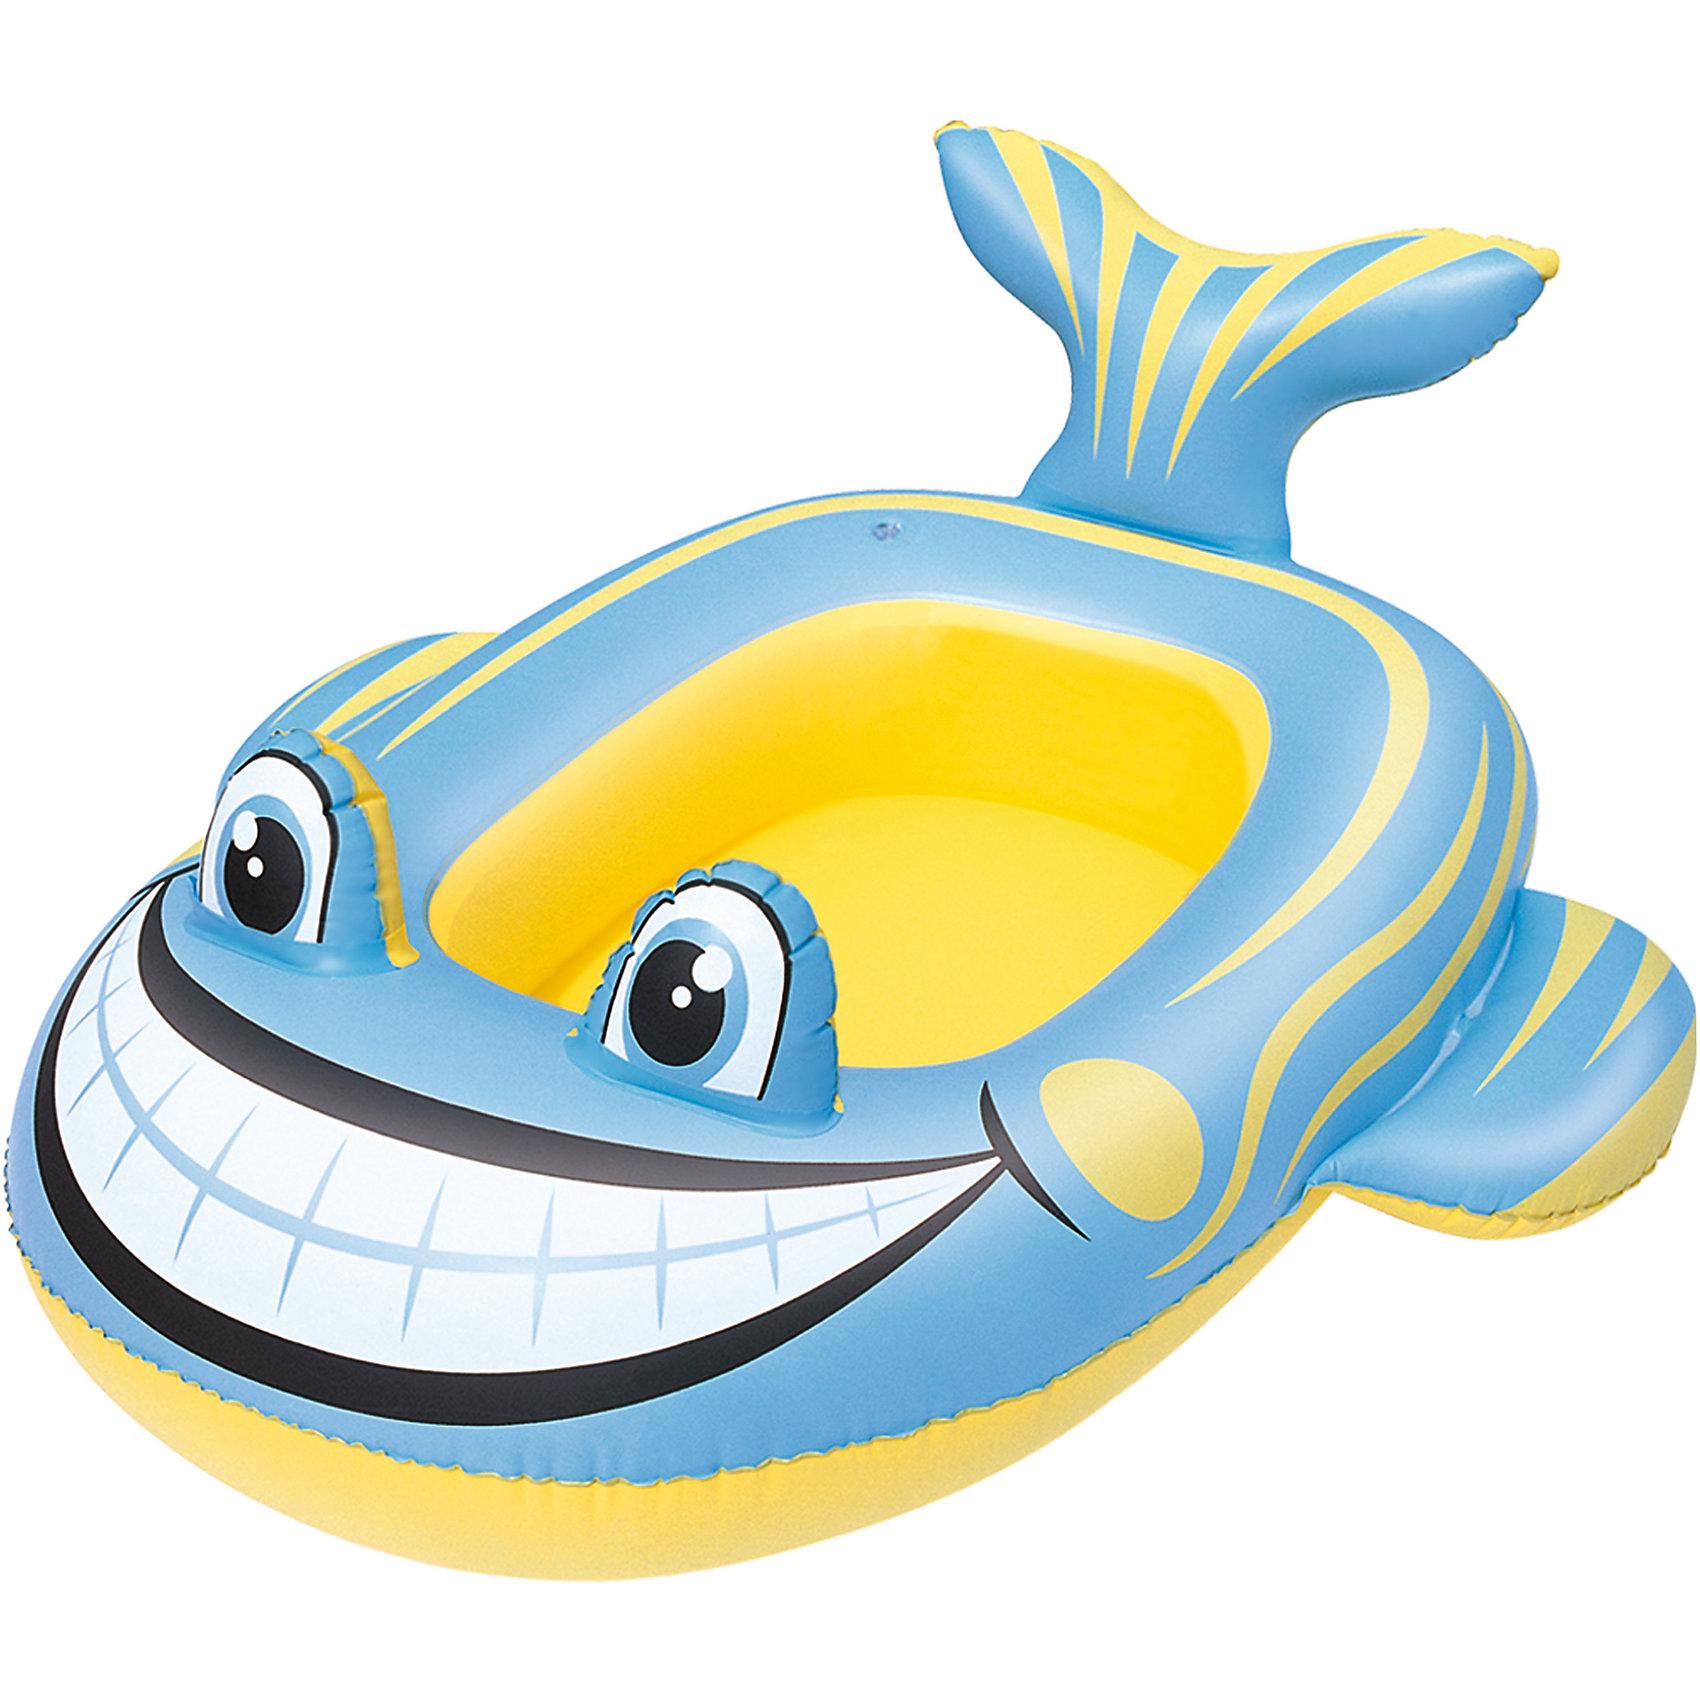 Надувная лодочка Кит, BestwayМатрасы и лодки<br>Надувная лодочка Кит, Bestway (Бествей)<br><br>Характеристики:<br><br>• интересный дизайн<br>• надувается с помощью ручного насоса<br>• материал: ПВХ<br>• размер: 99х66 см<br>• вес: 400 грамм<br><br>Красивая лодочка Кит поможет ребенку весело провести время на воде. Лодочка изготовлена из прочного поливинилхлорида и выполнена в виде яркого кита. Широкая улыбка и большие глаза зверюшки никого не оставят равнодушным!<br><br>Надувную лодочку Кит, Bestway (Бествей) можно купить в нашем интернет-магазине.<br><br>Ширина мм: 570<br>Глубина мм: 260<br>Высота мм: 270<br>Вес г: 387<br>Возраст от месяцев: 36<br>Возраст до месяцев: 72<br>Пол: Унисекс<br>Возраст: Детский<br>SKU: 5487002